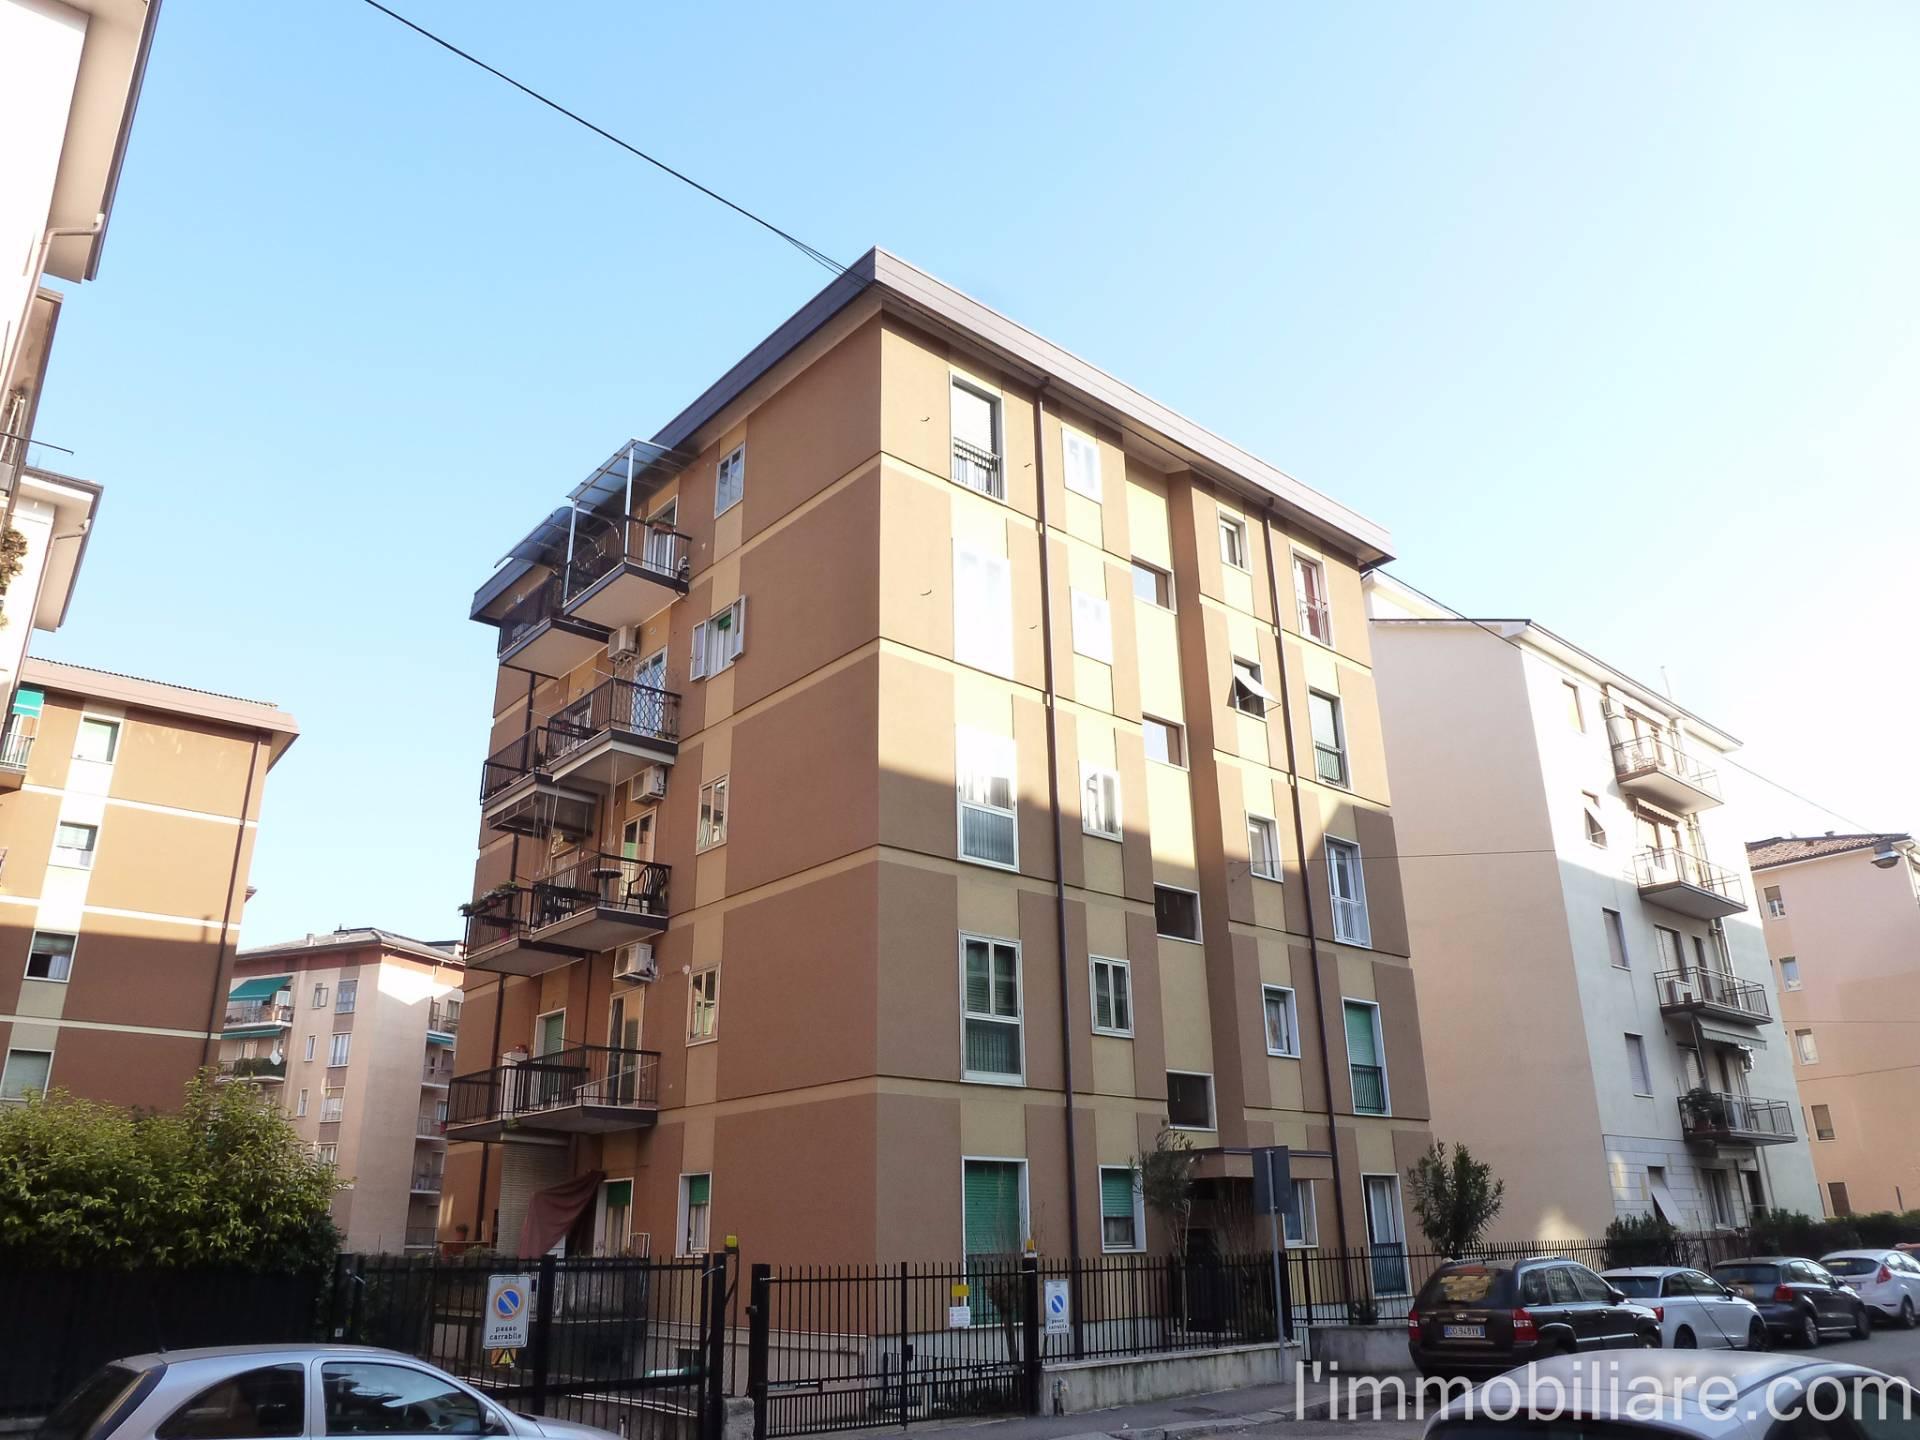 Appartamento in affitto a Verona, 3 locali, zona Località: PonteCrencano, prezzo € 450 | Cambio Casa.it